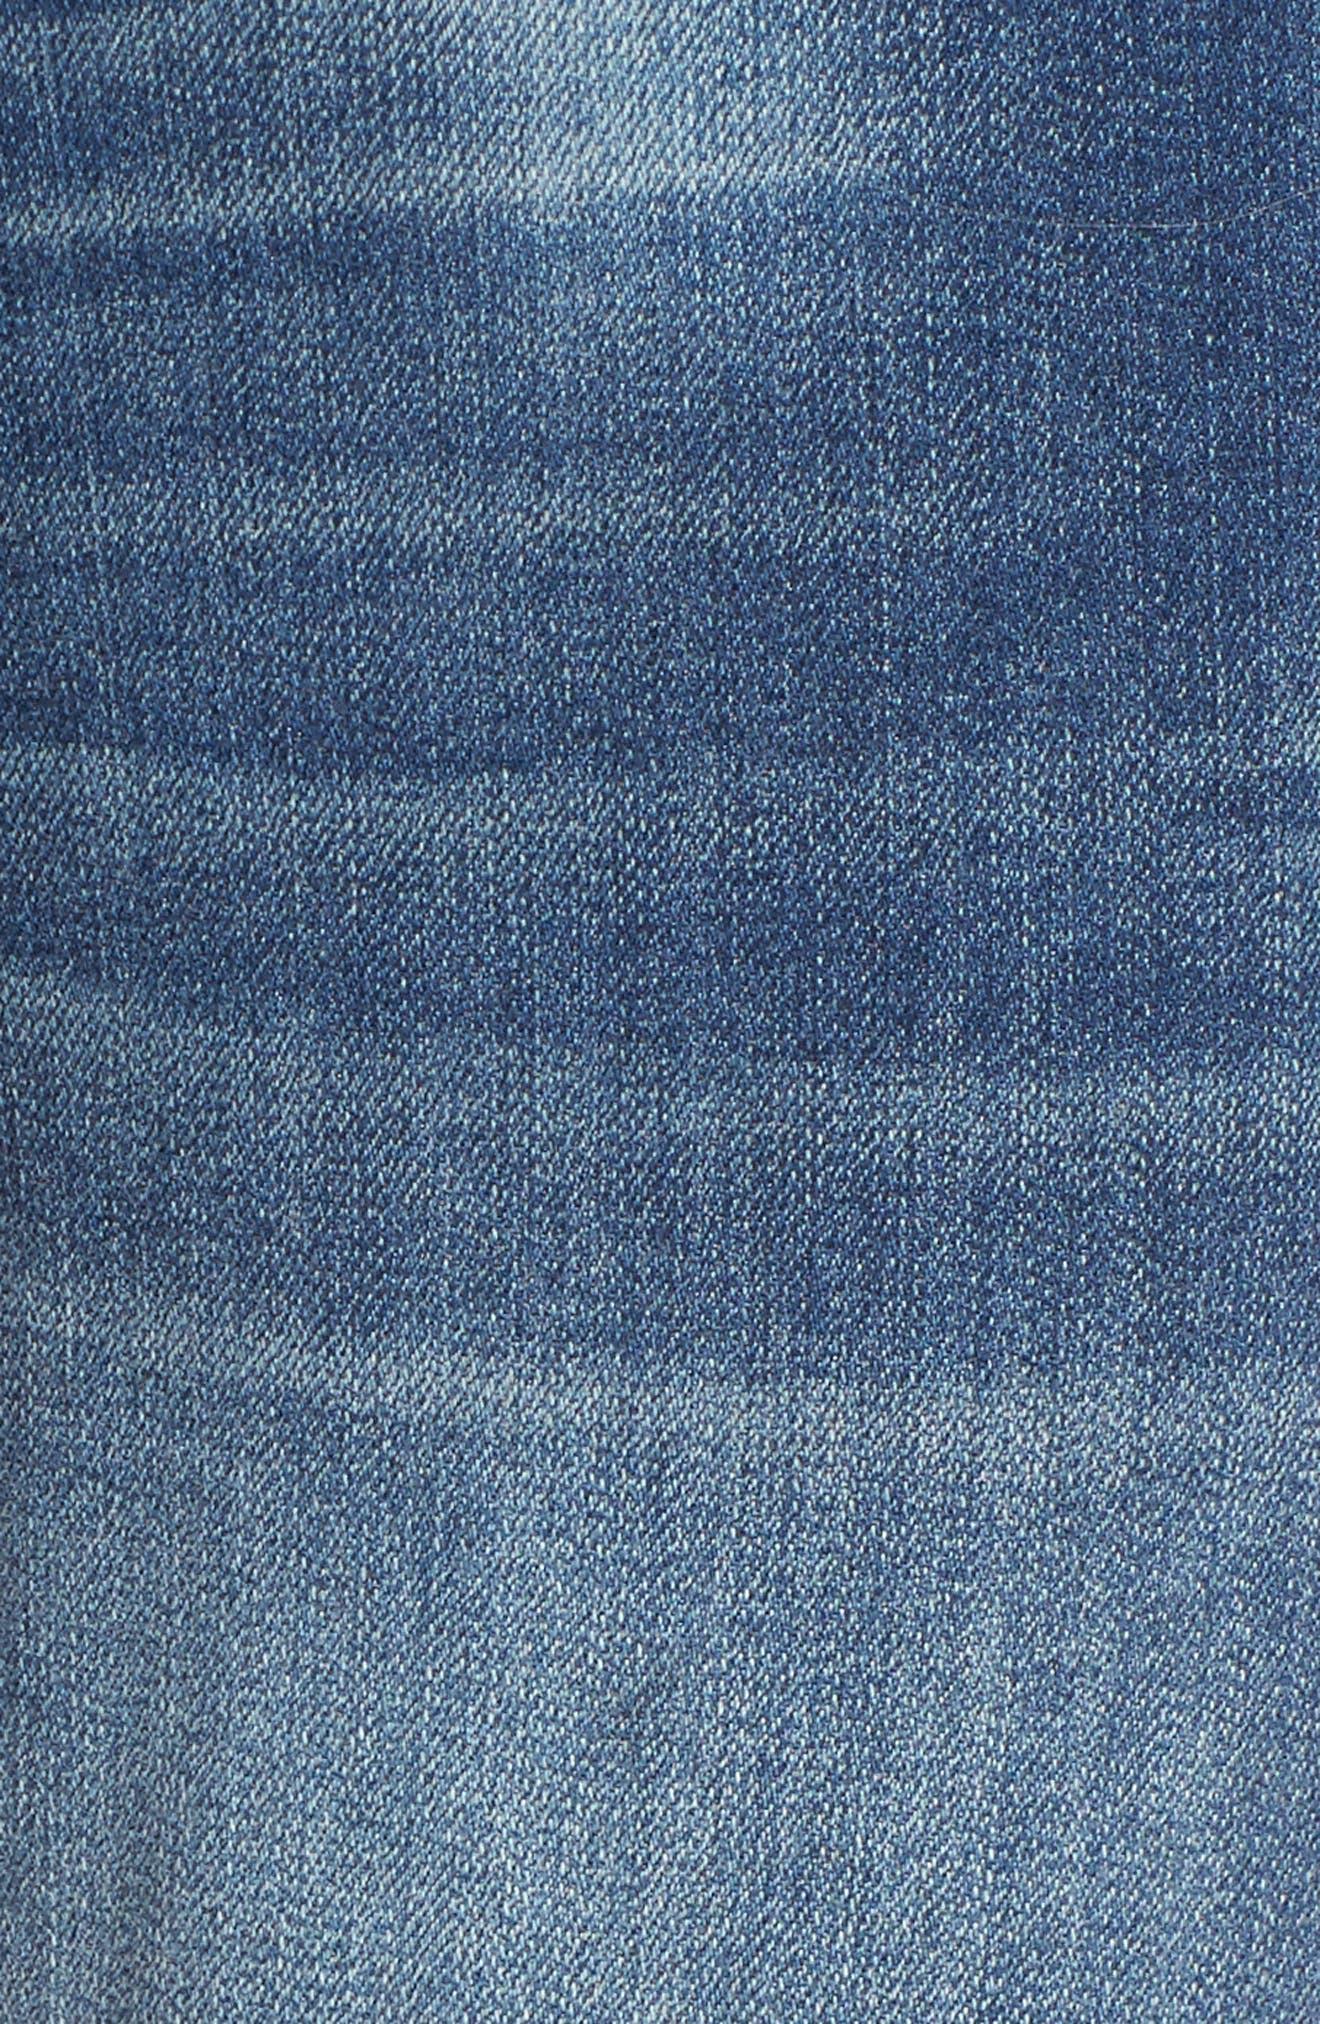 Destructed Maternity Skinny Jeans,                             Alternate thumbnail 5, color,                             IRENE